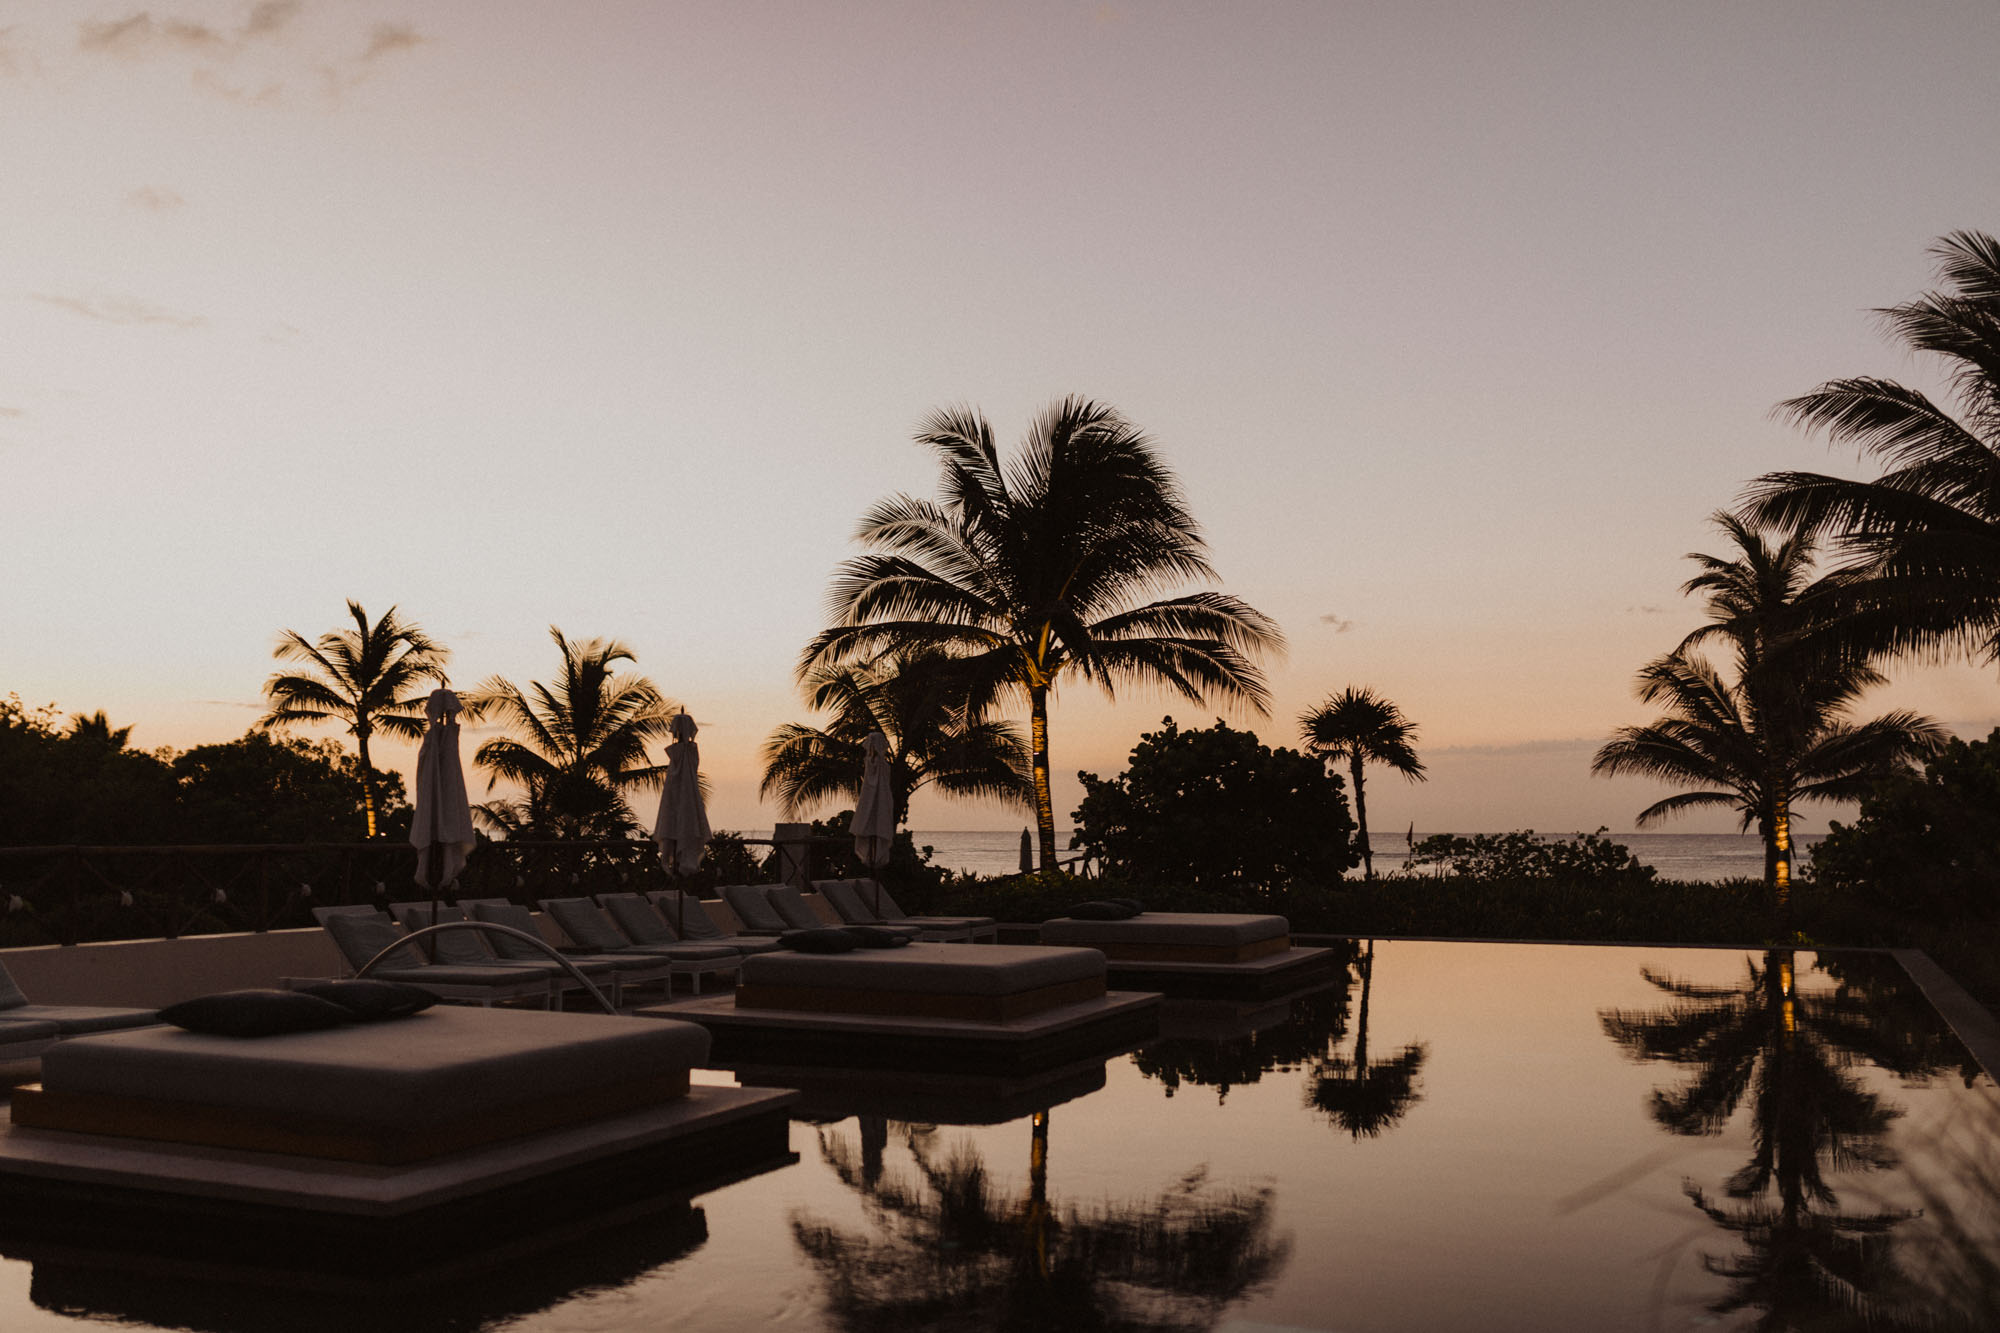 sunrise over unico 2087 in Mexico